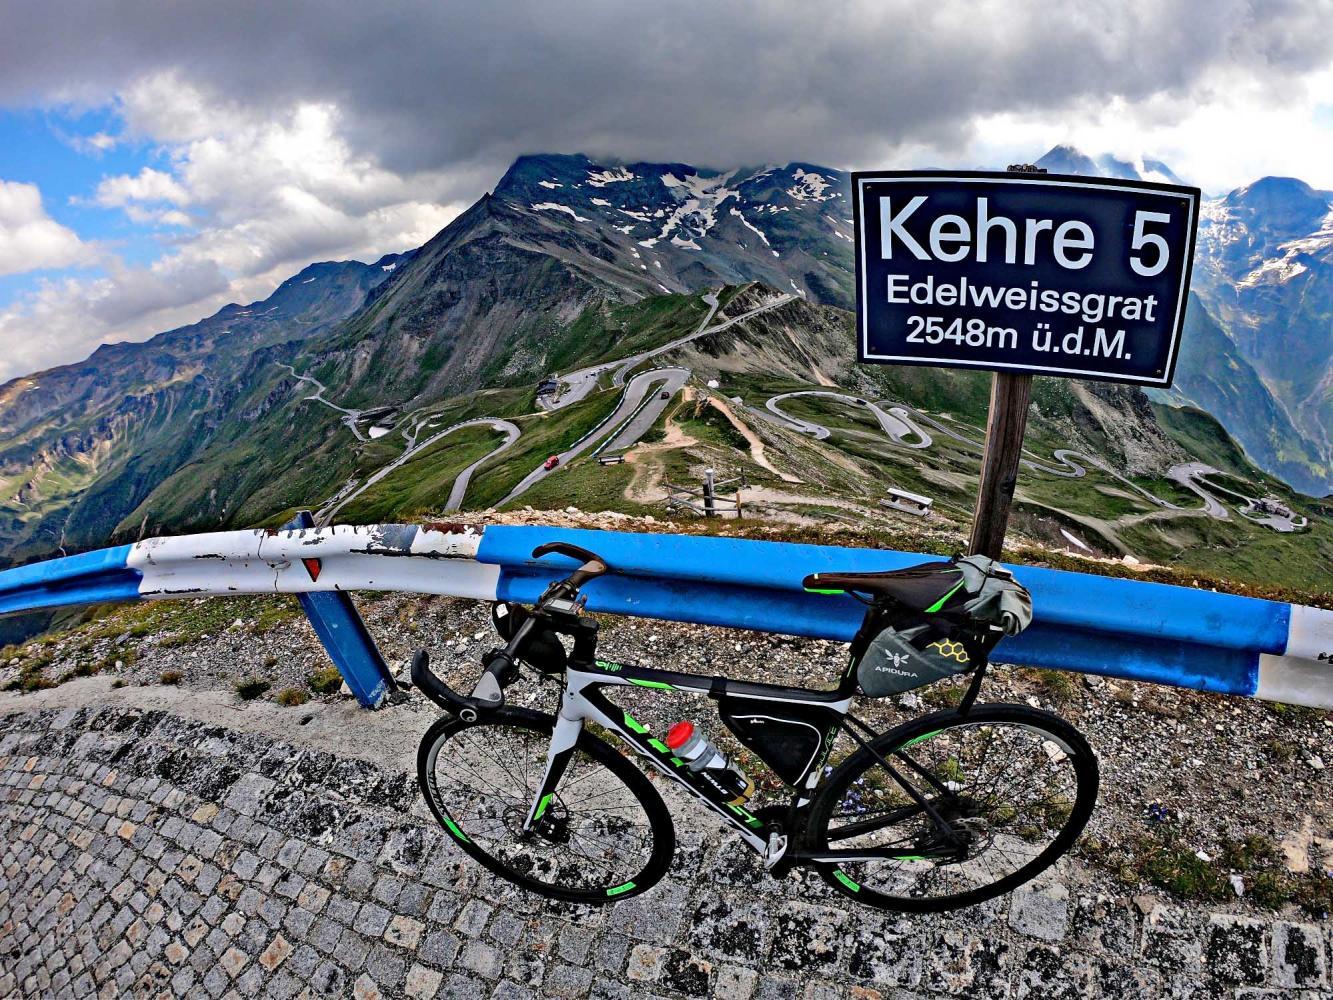 Grobglockner (Fusch) Bike Climb - PJAMM Cycling